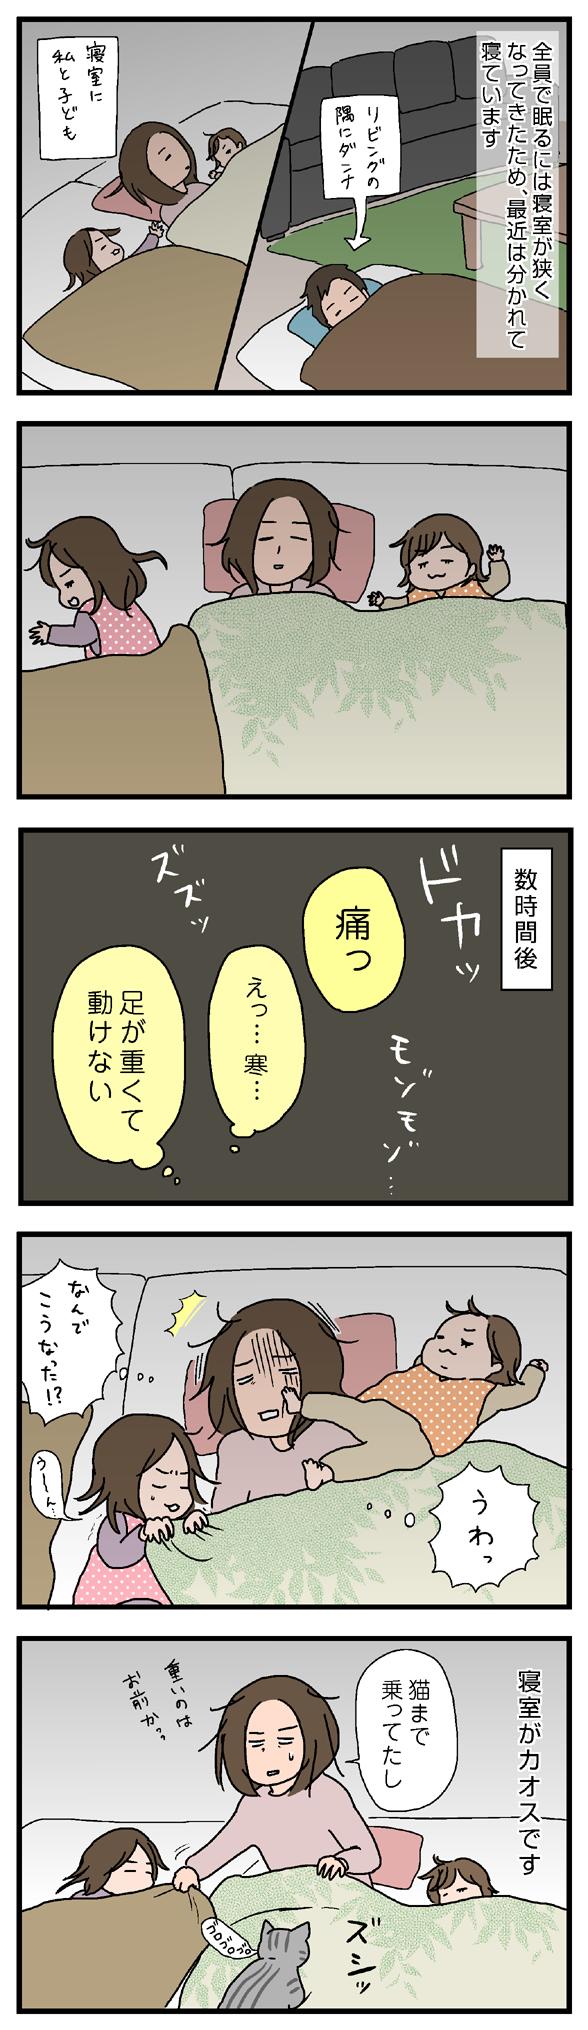 icchomae288_01